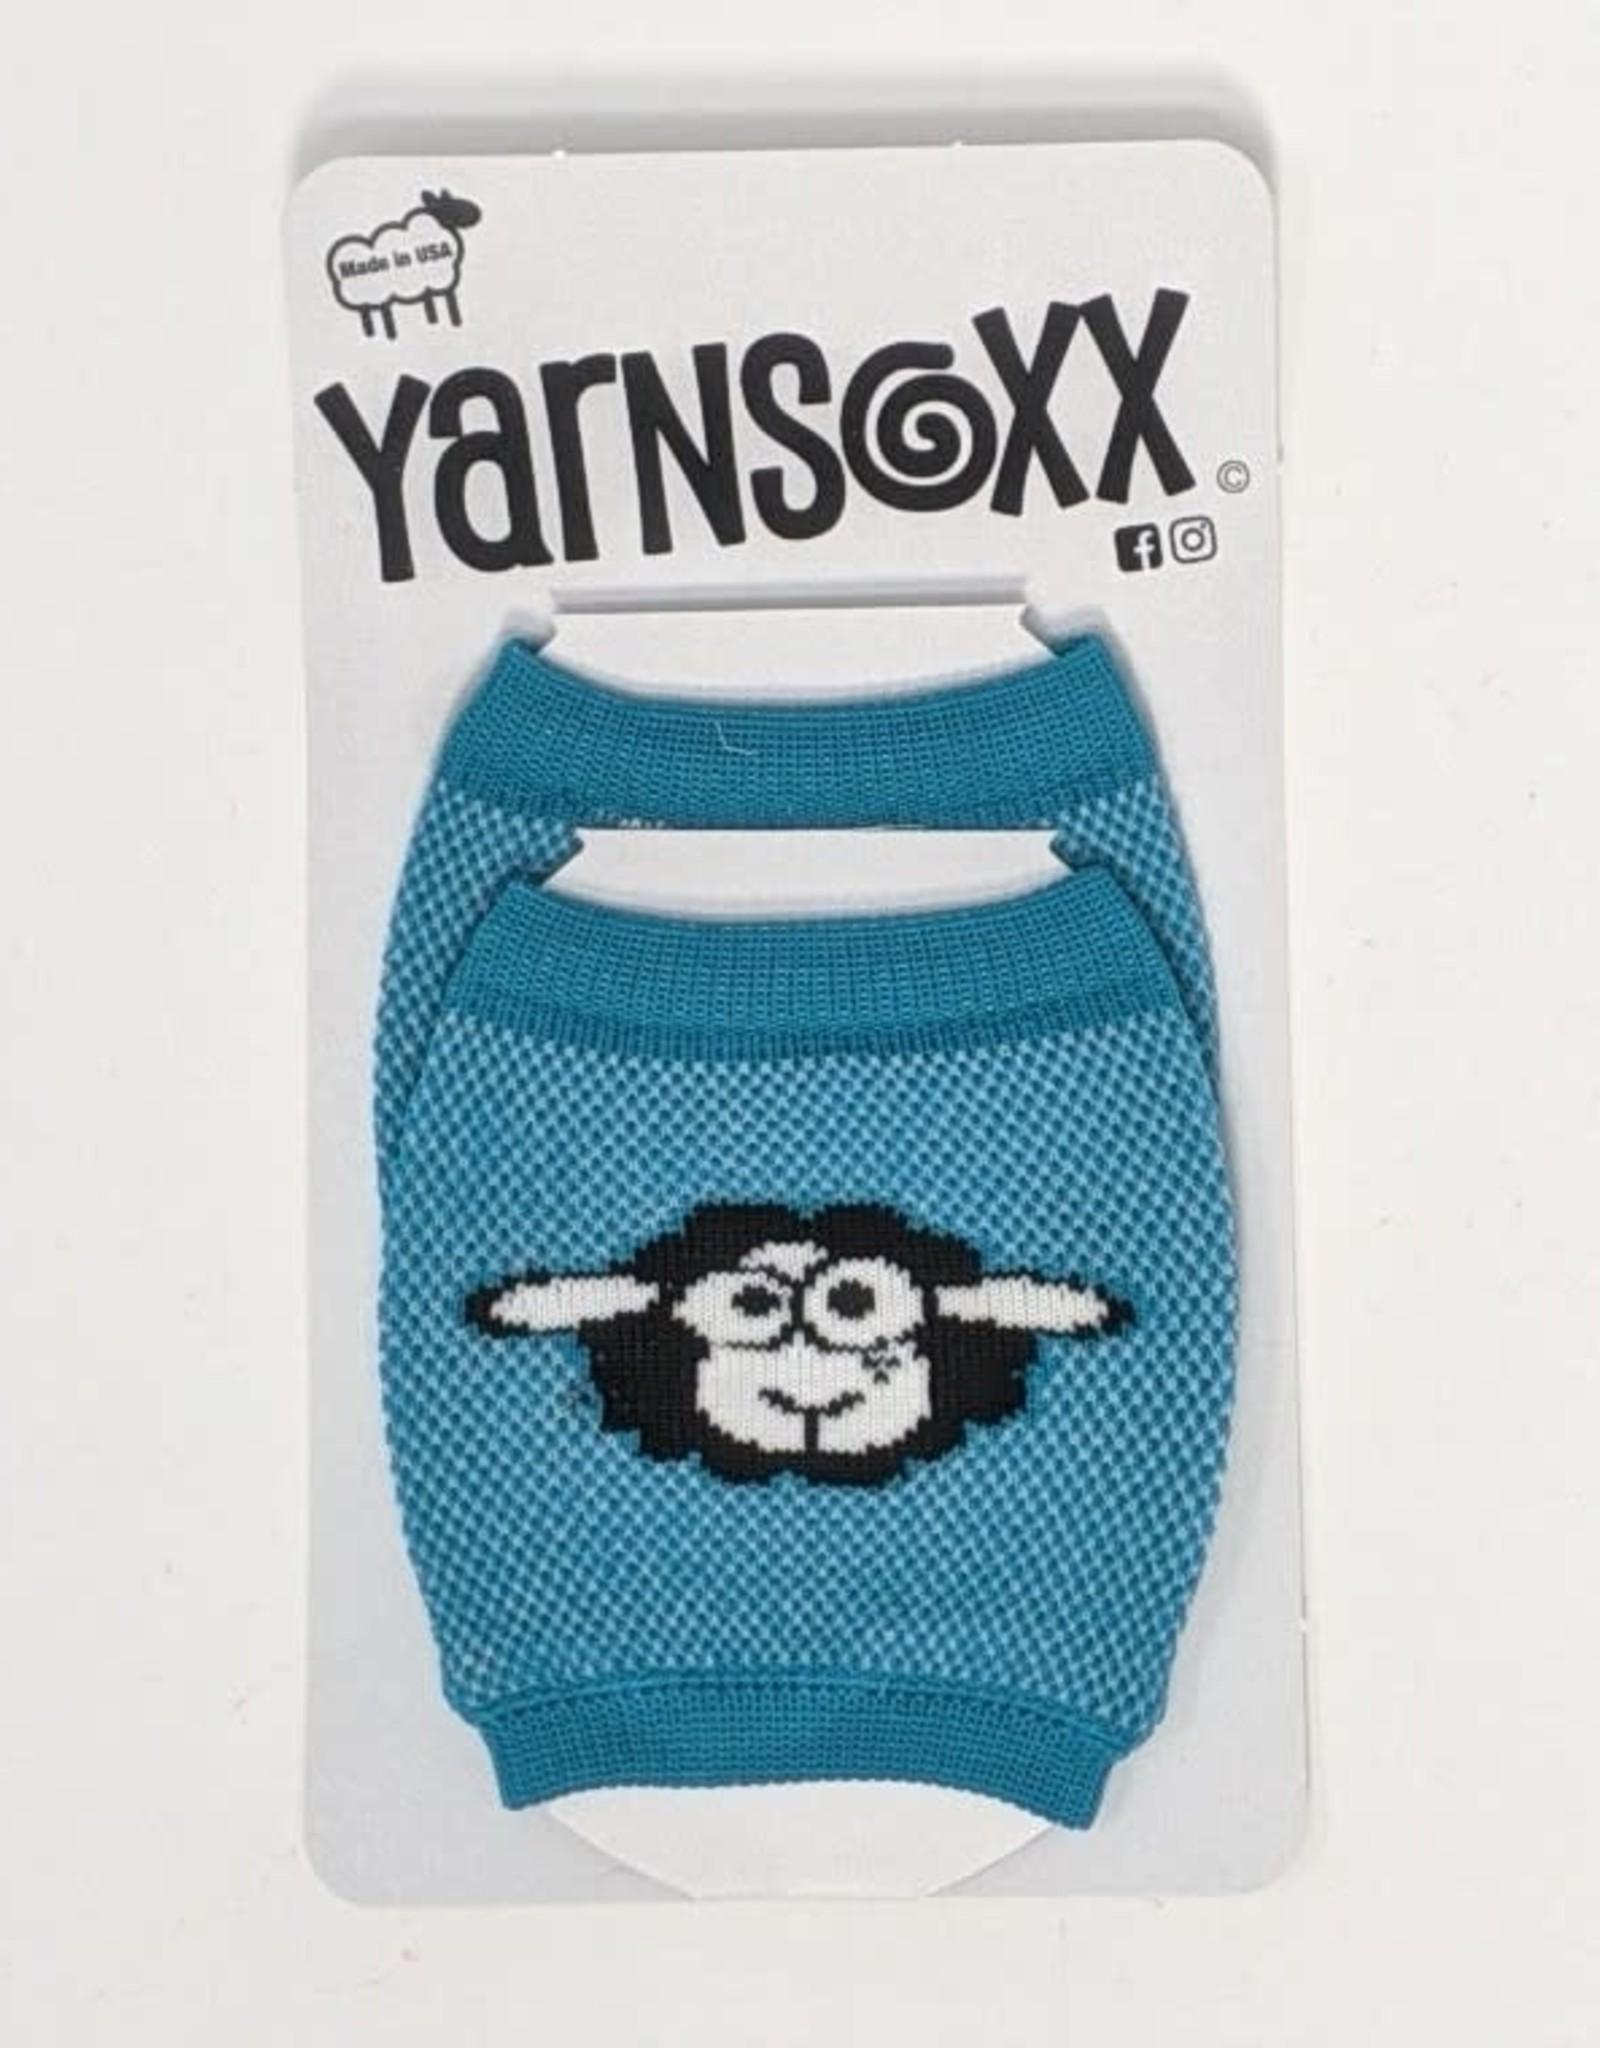 Sheep YarnSoxx